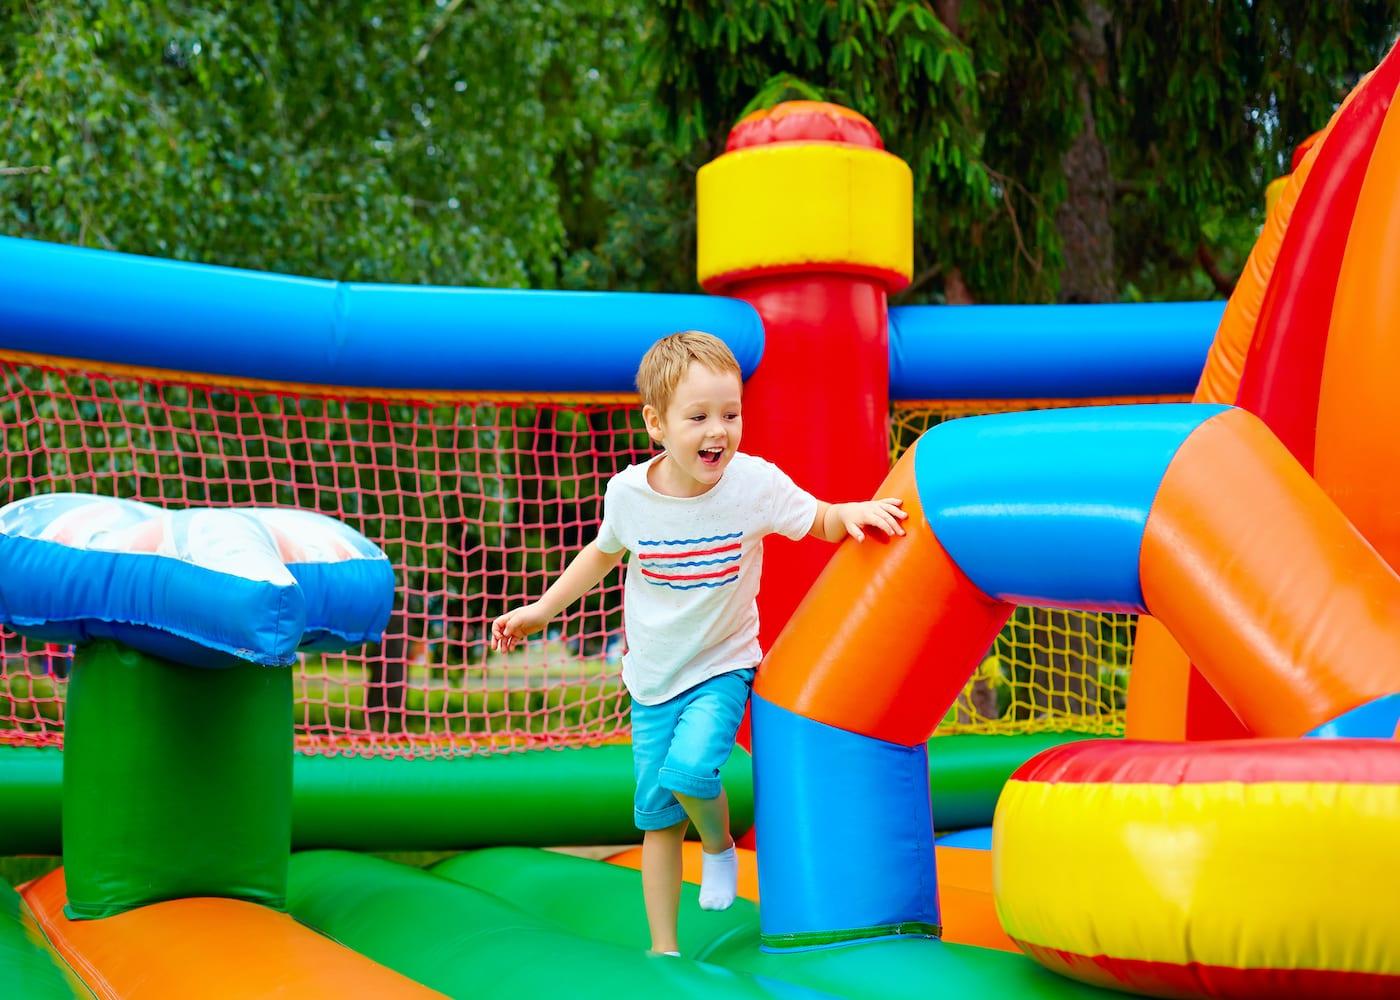 kid on bouncy castle